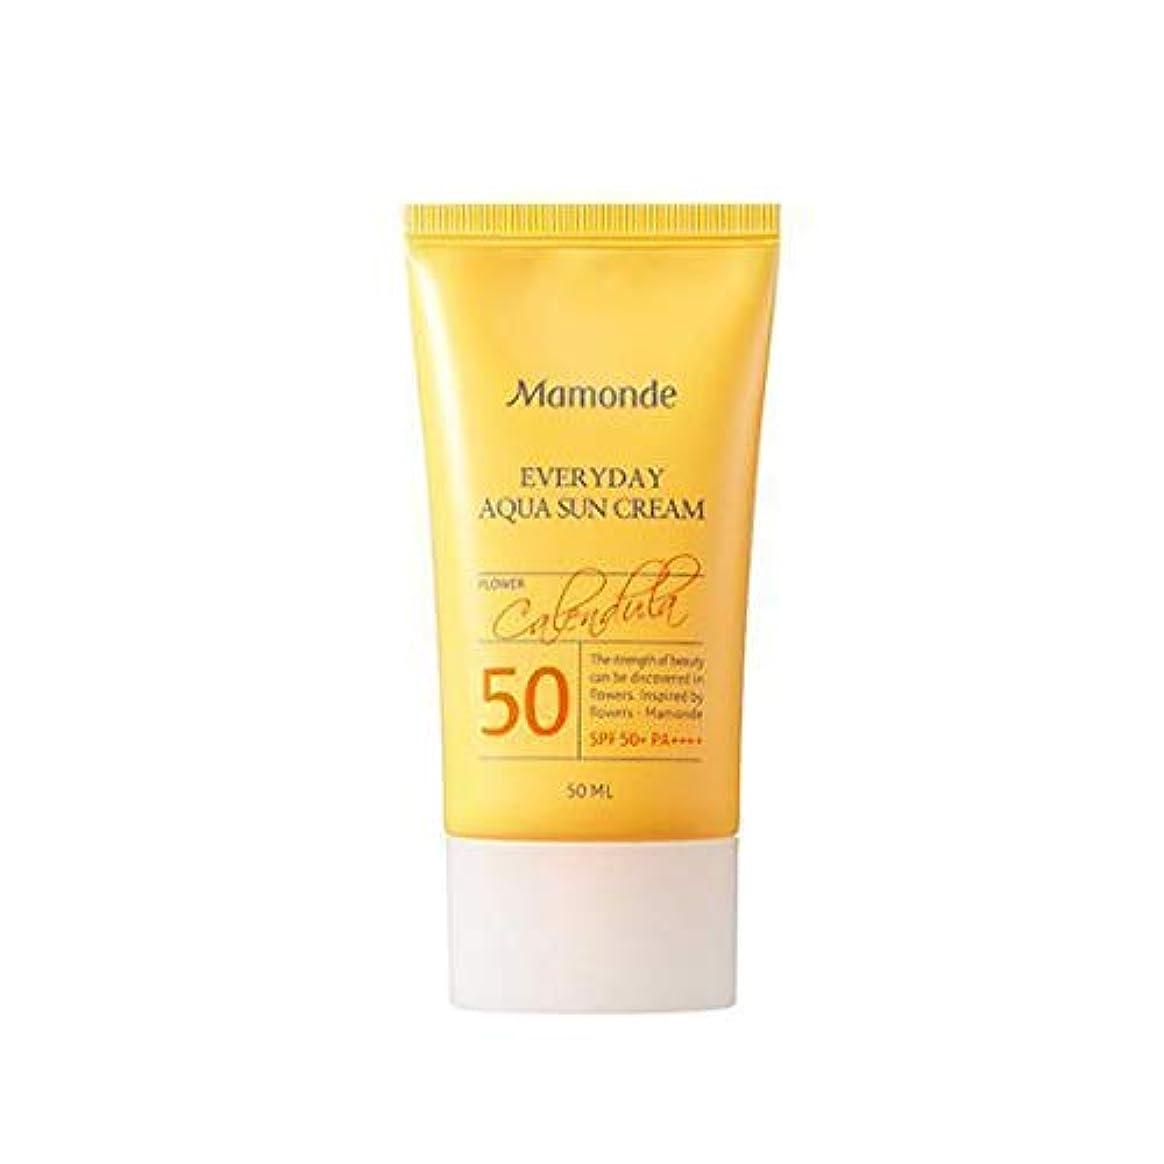 チャネル可能にする文MAMONDE マモンド エブリデイアクアサンクリーム (50ml),SPF50+PA++++ Everyday Aqua Sun Cream 韓国日焼け止め